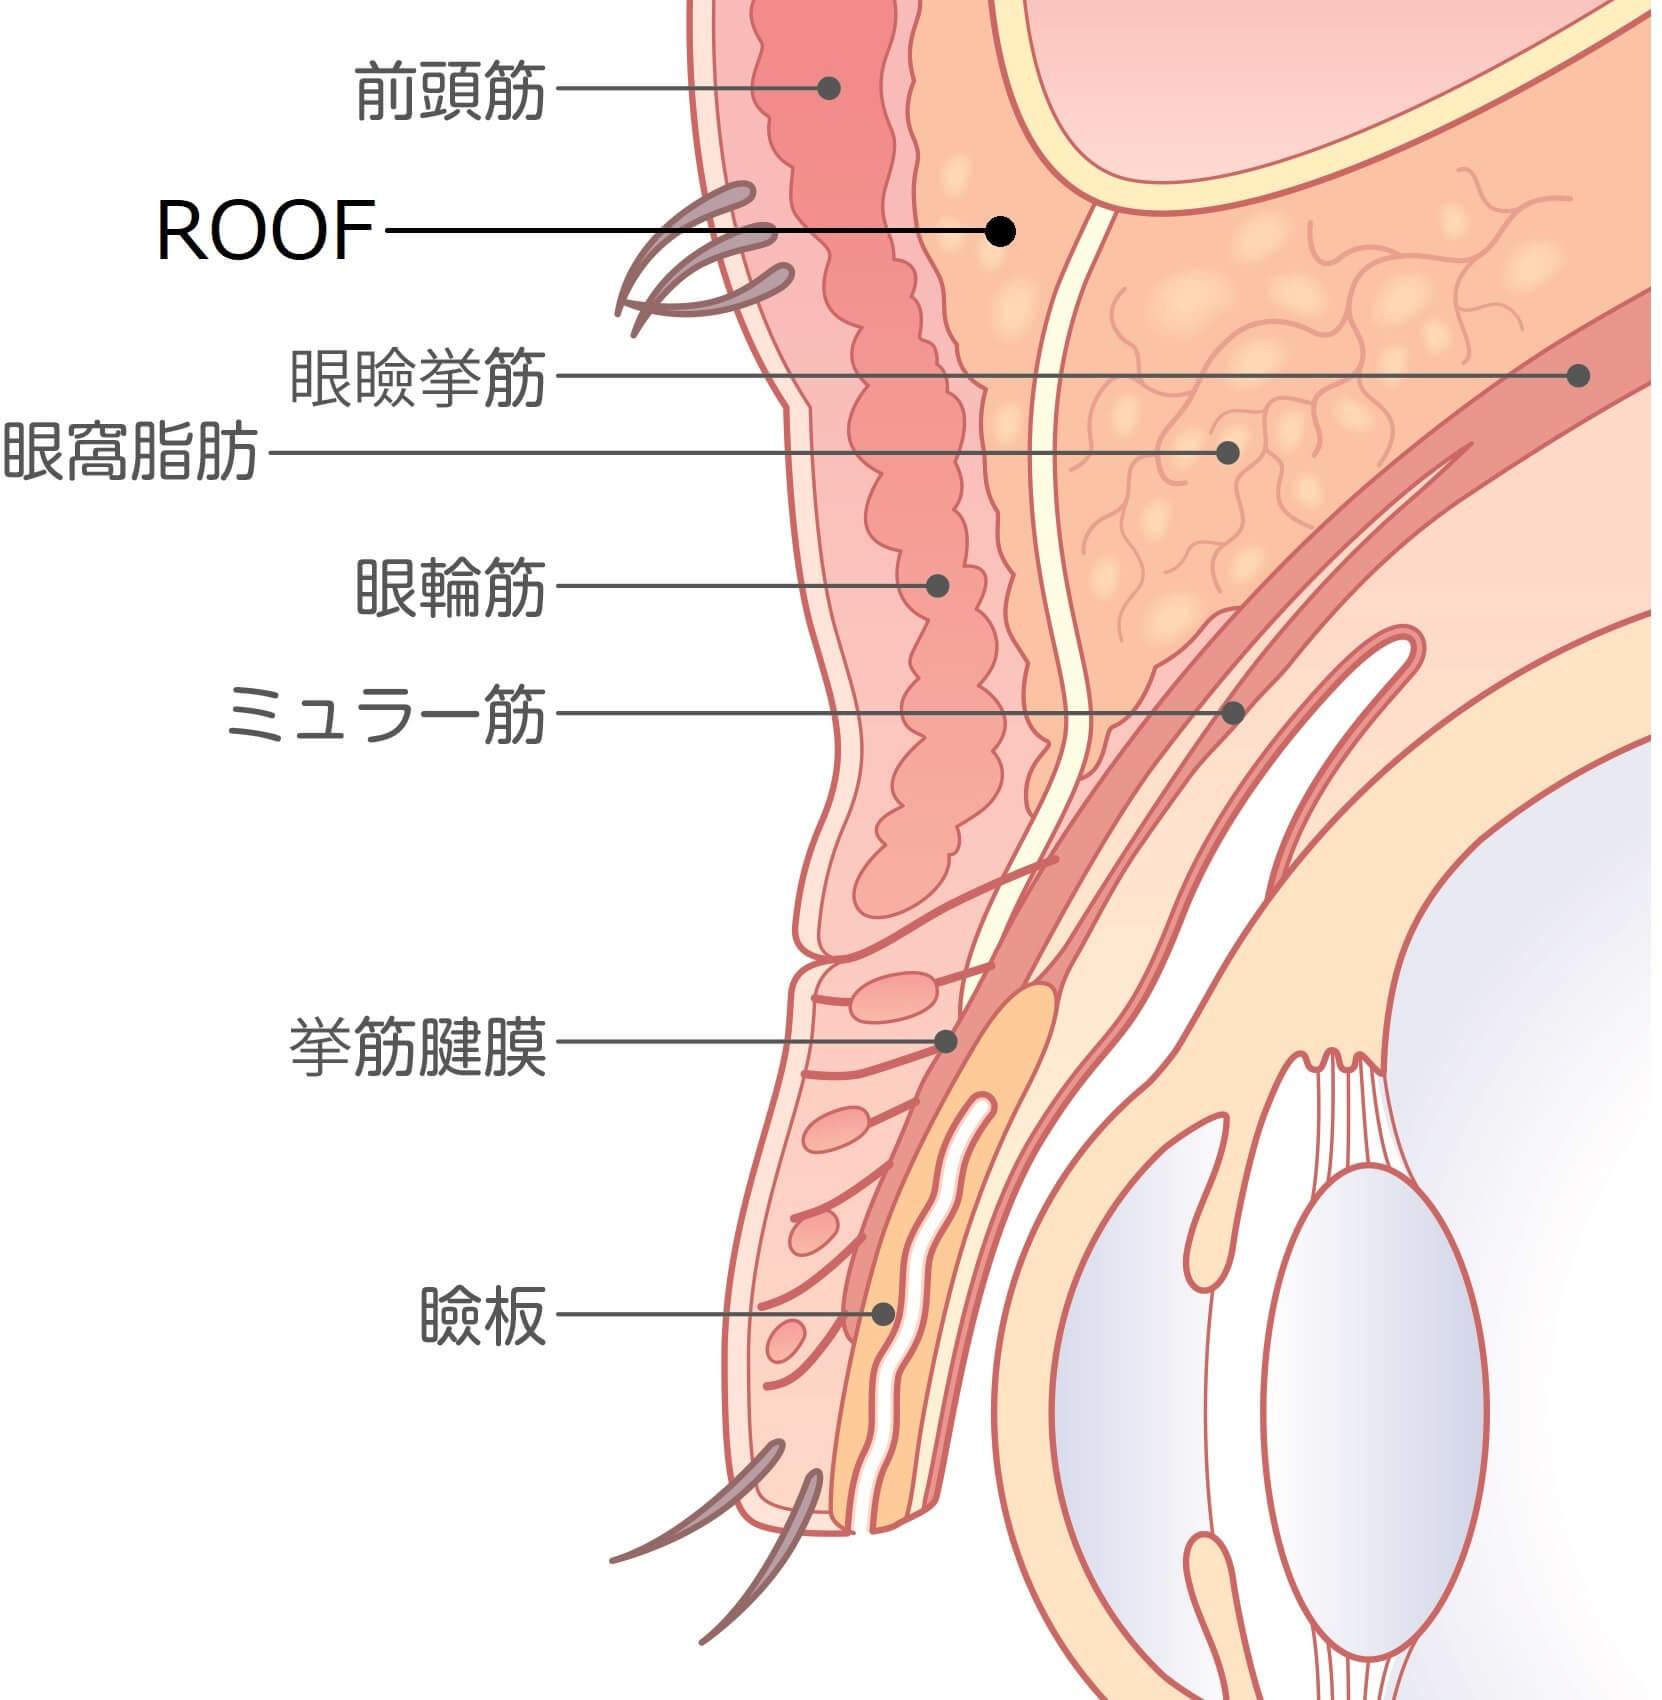 まぶたの皮下組織の断面イラスト